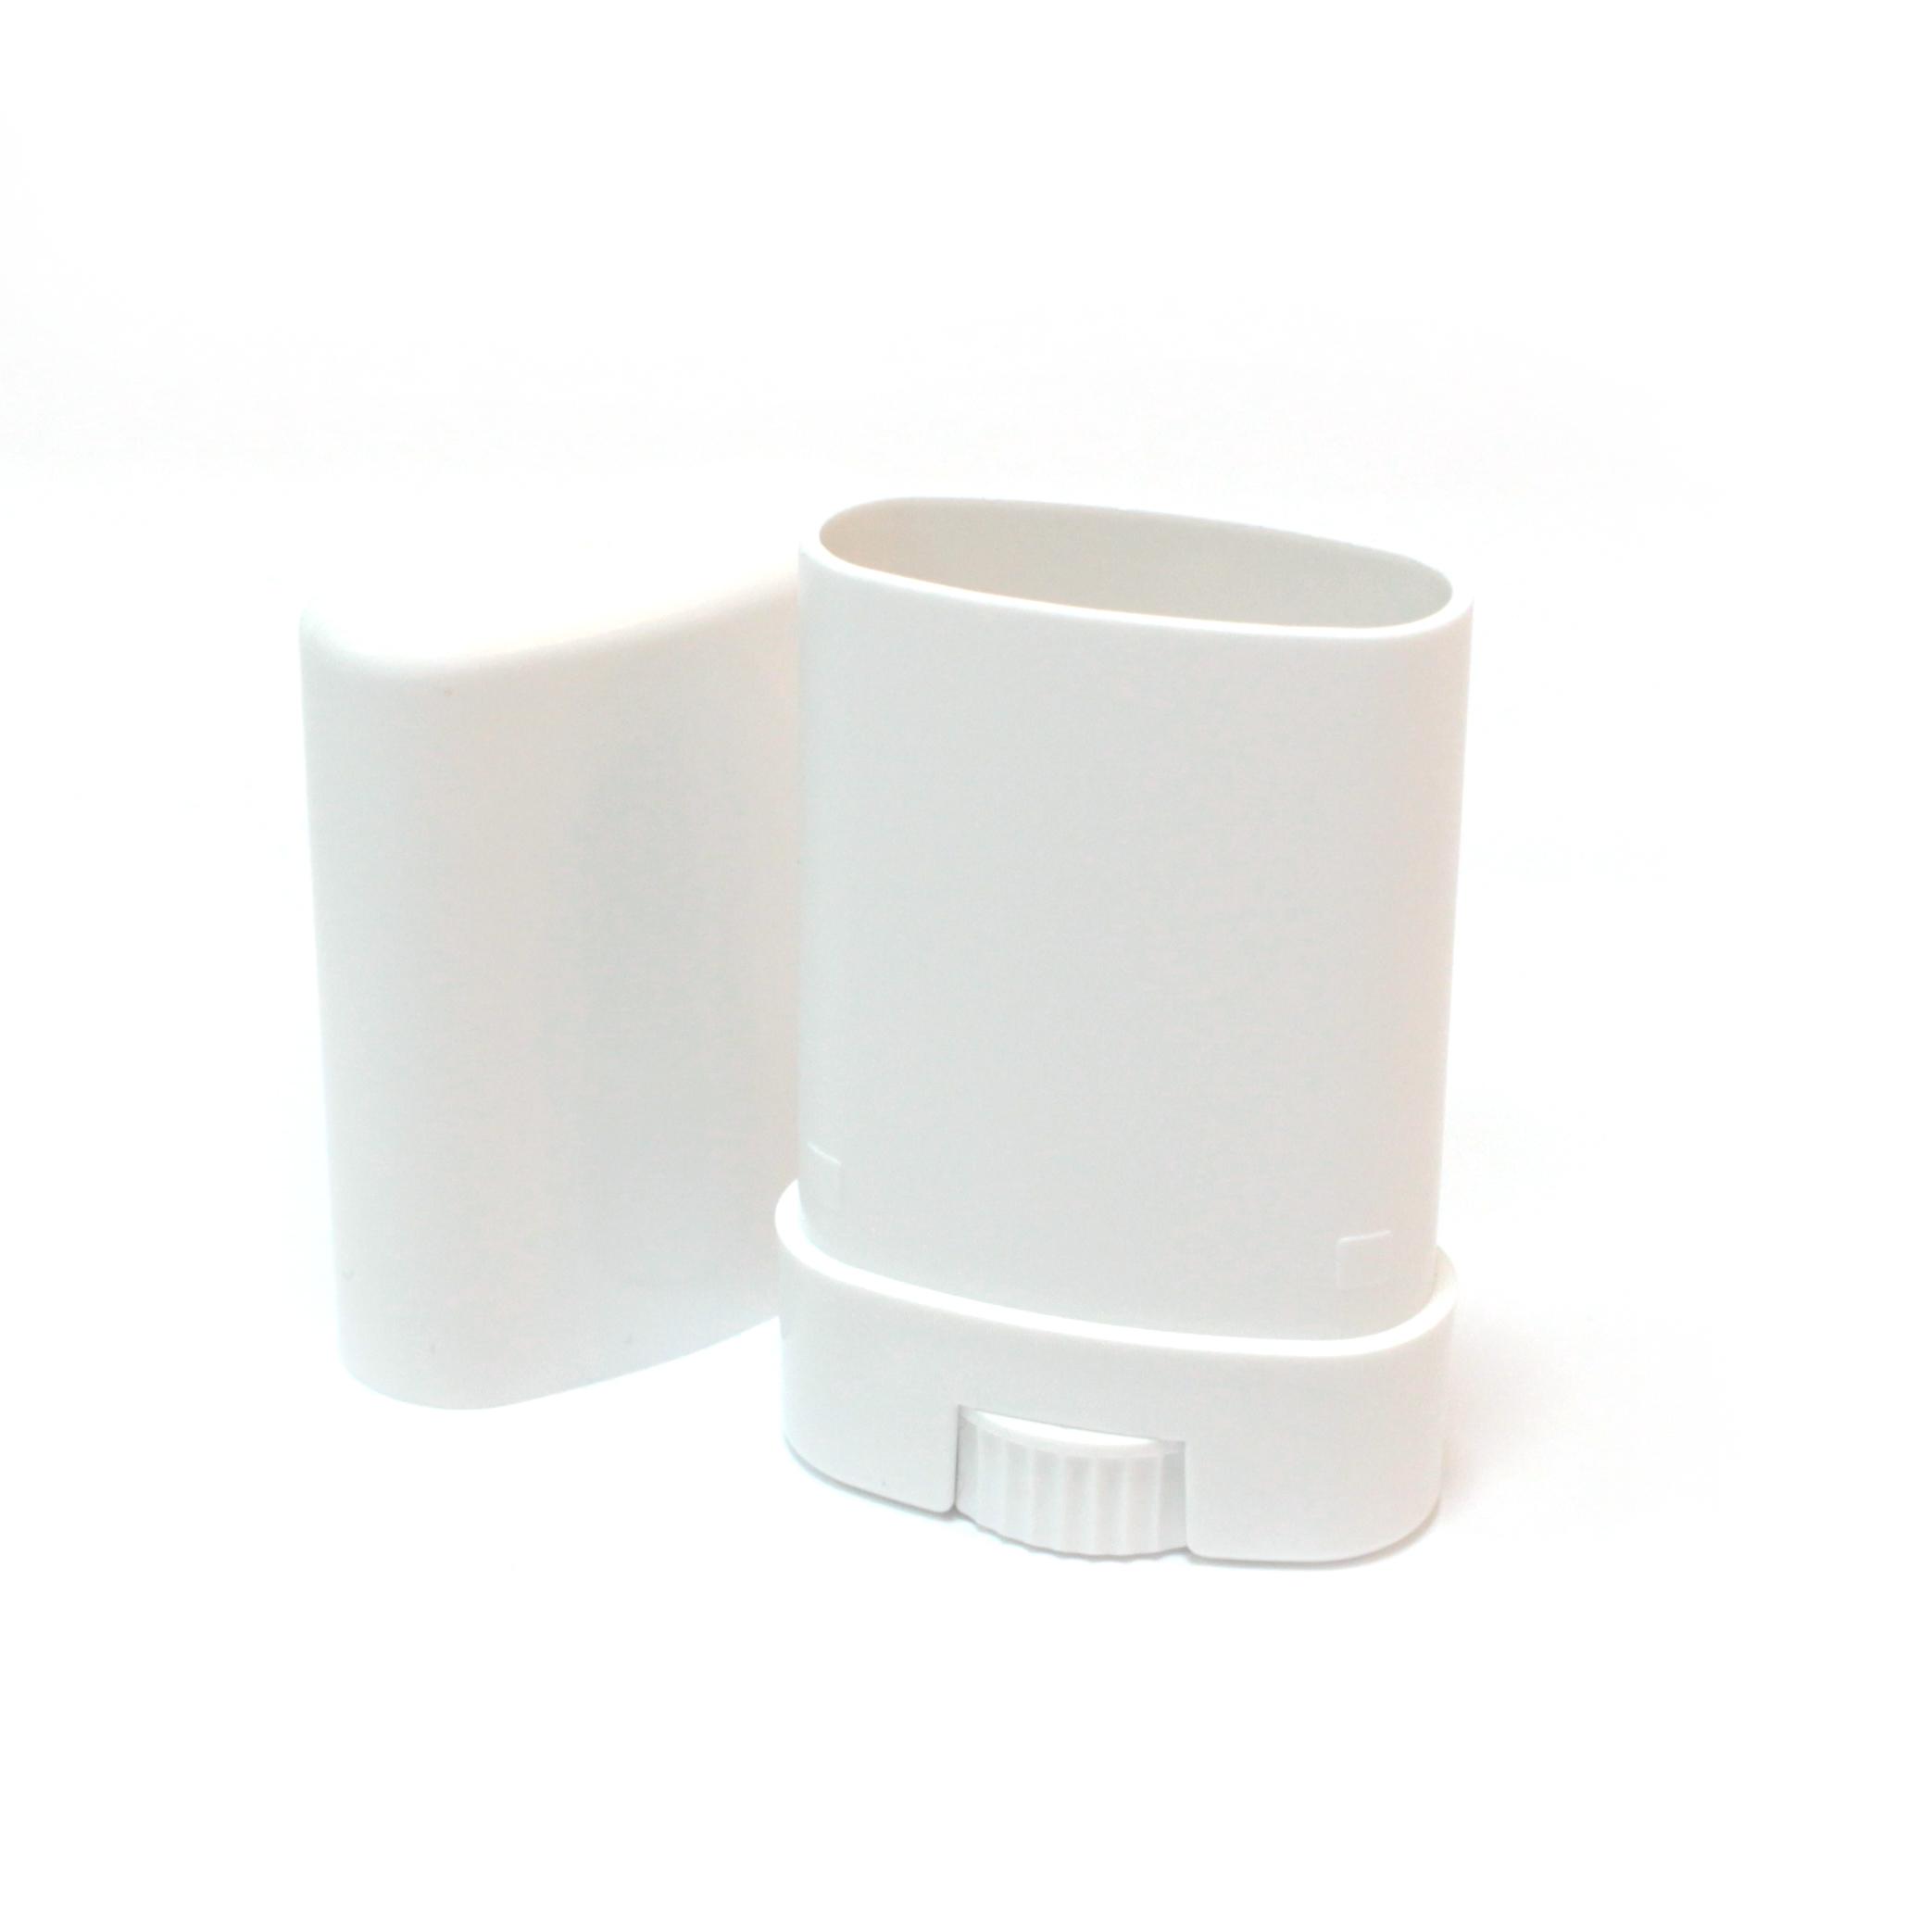 容器 オーバル繰り出し式リップチューブ(ホワイト)10g 2個入り